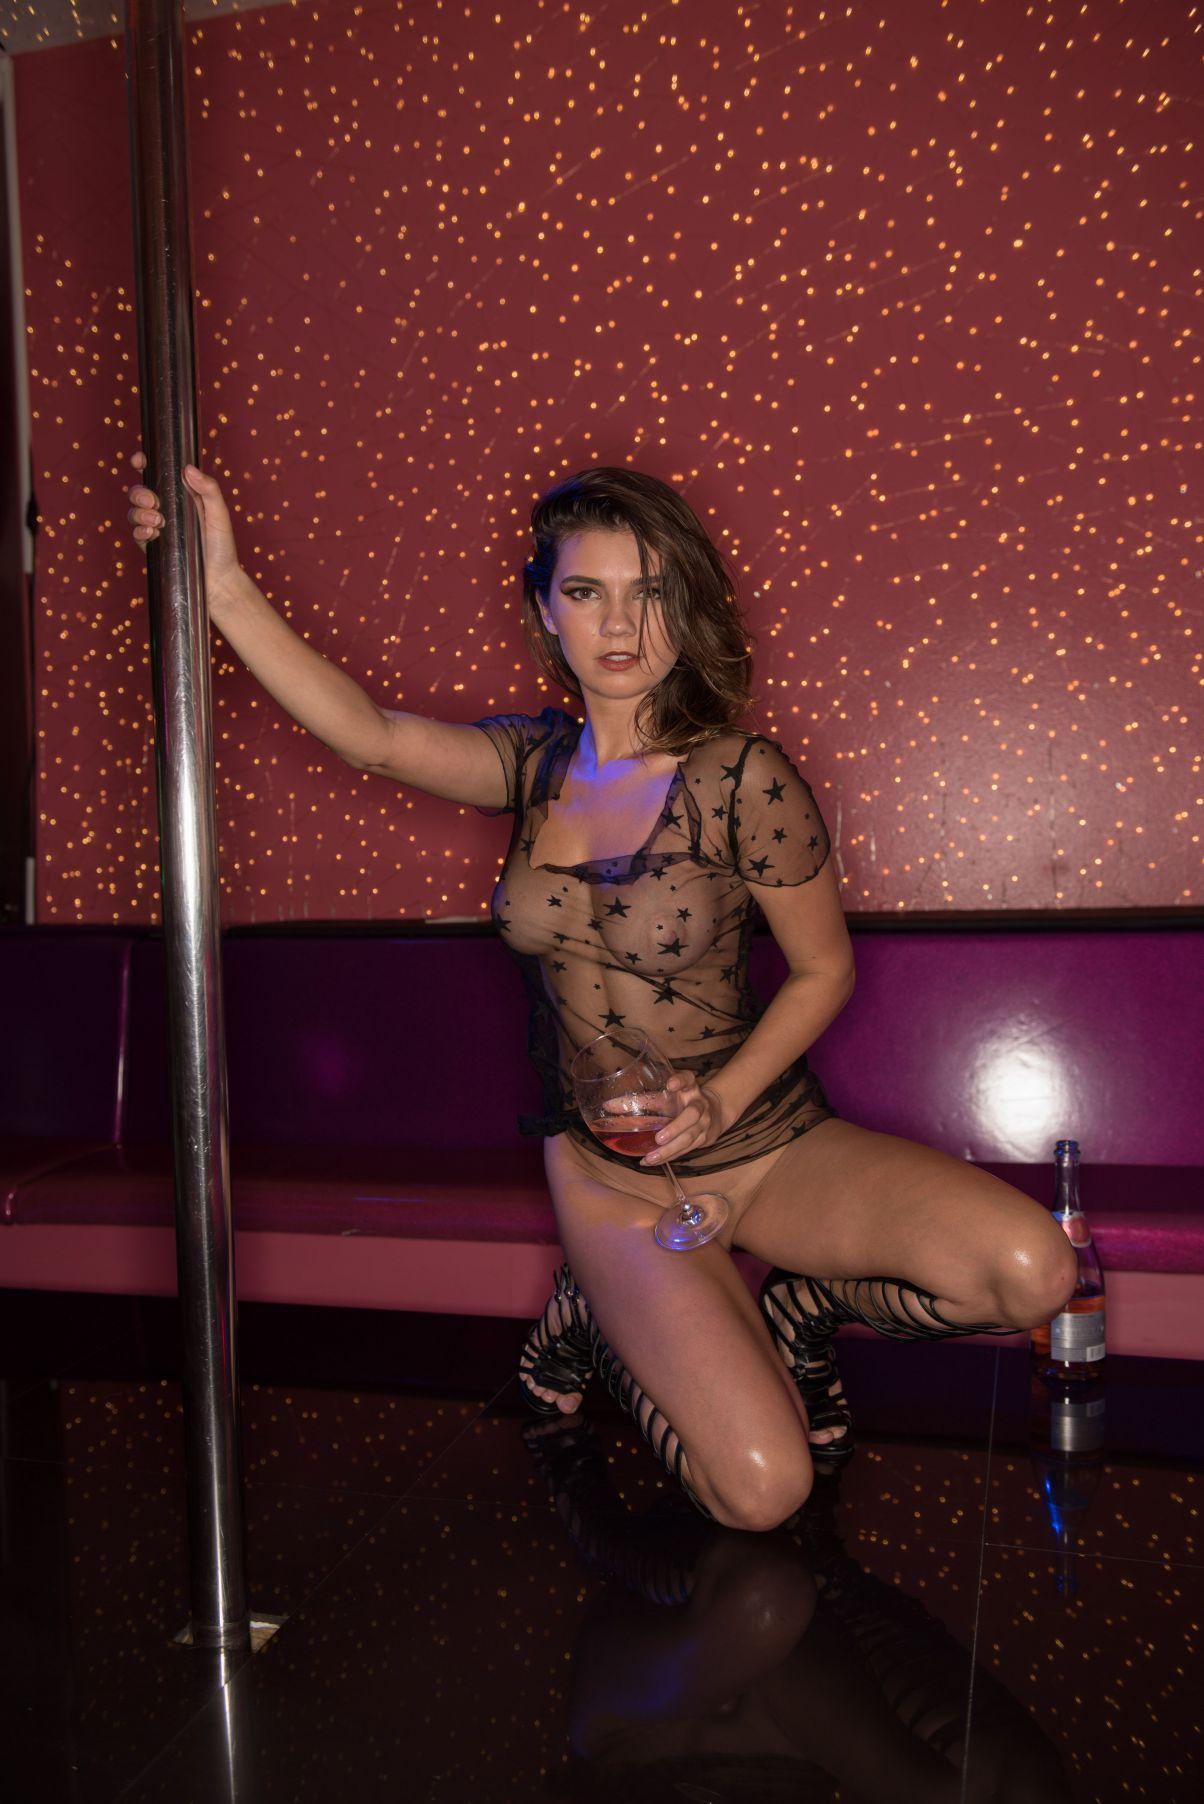 Porn movie Clitoris how-to video